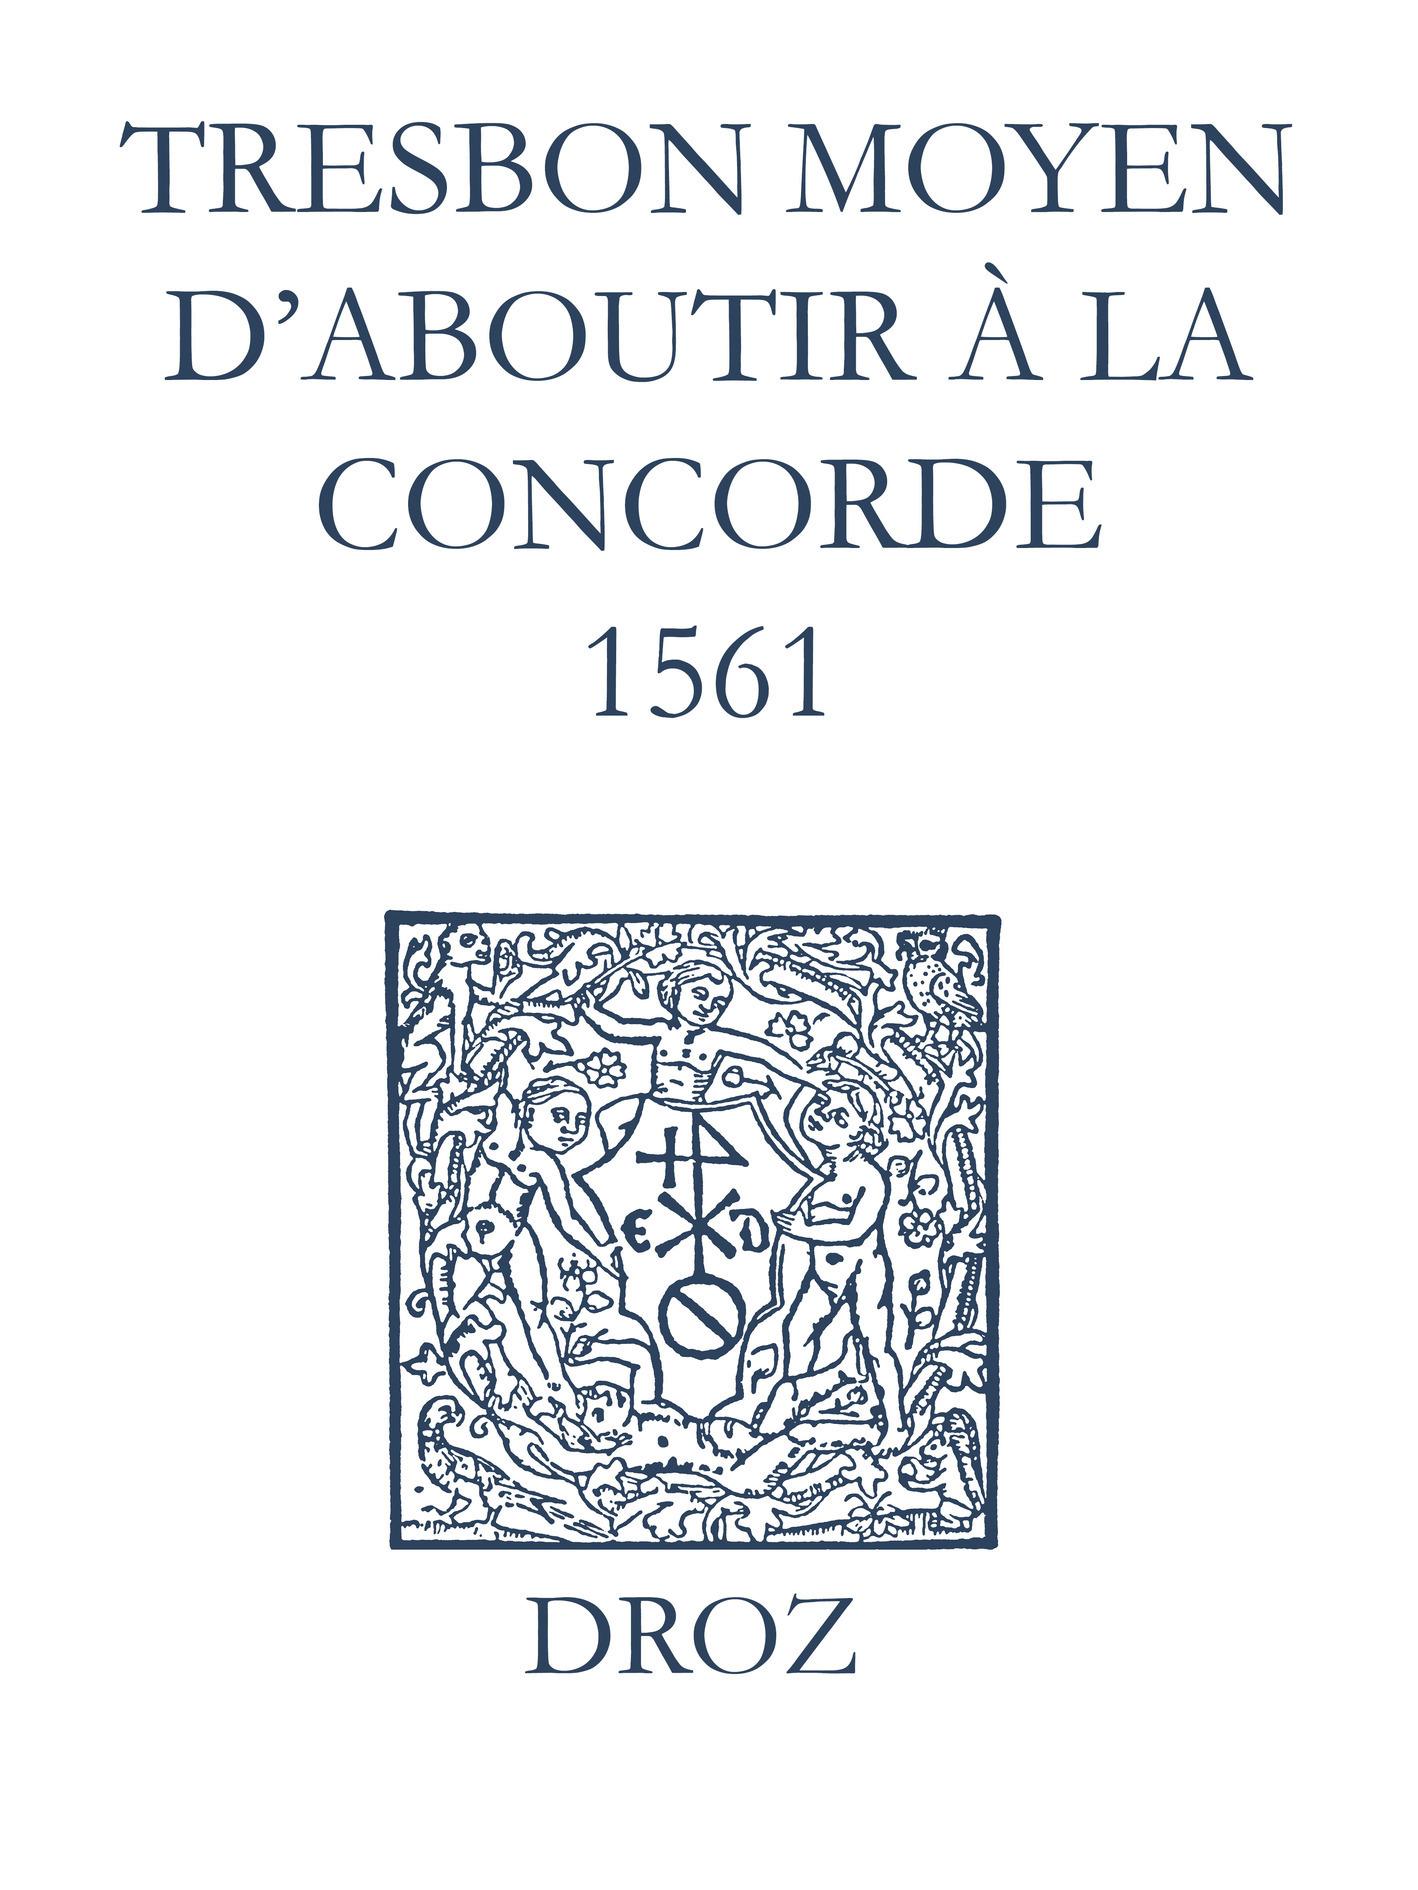 Recueil des opuscules 1566. Tres bon moyen d´aboutir à la concorde (1561)  - Laurence Vial-Bergon